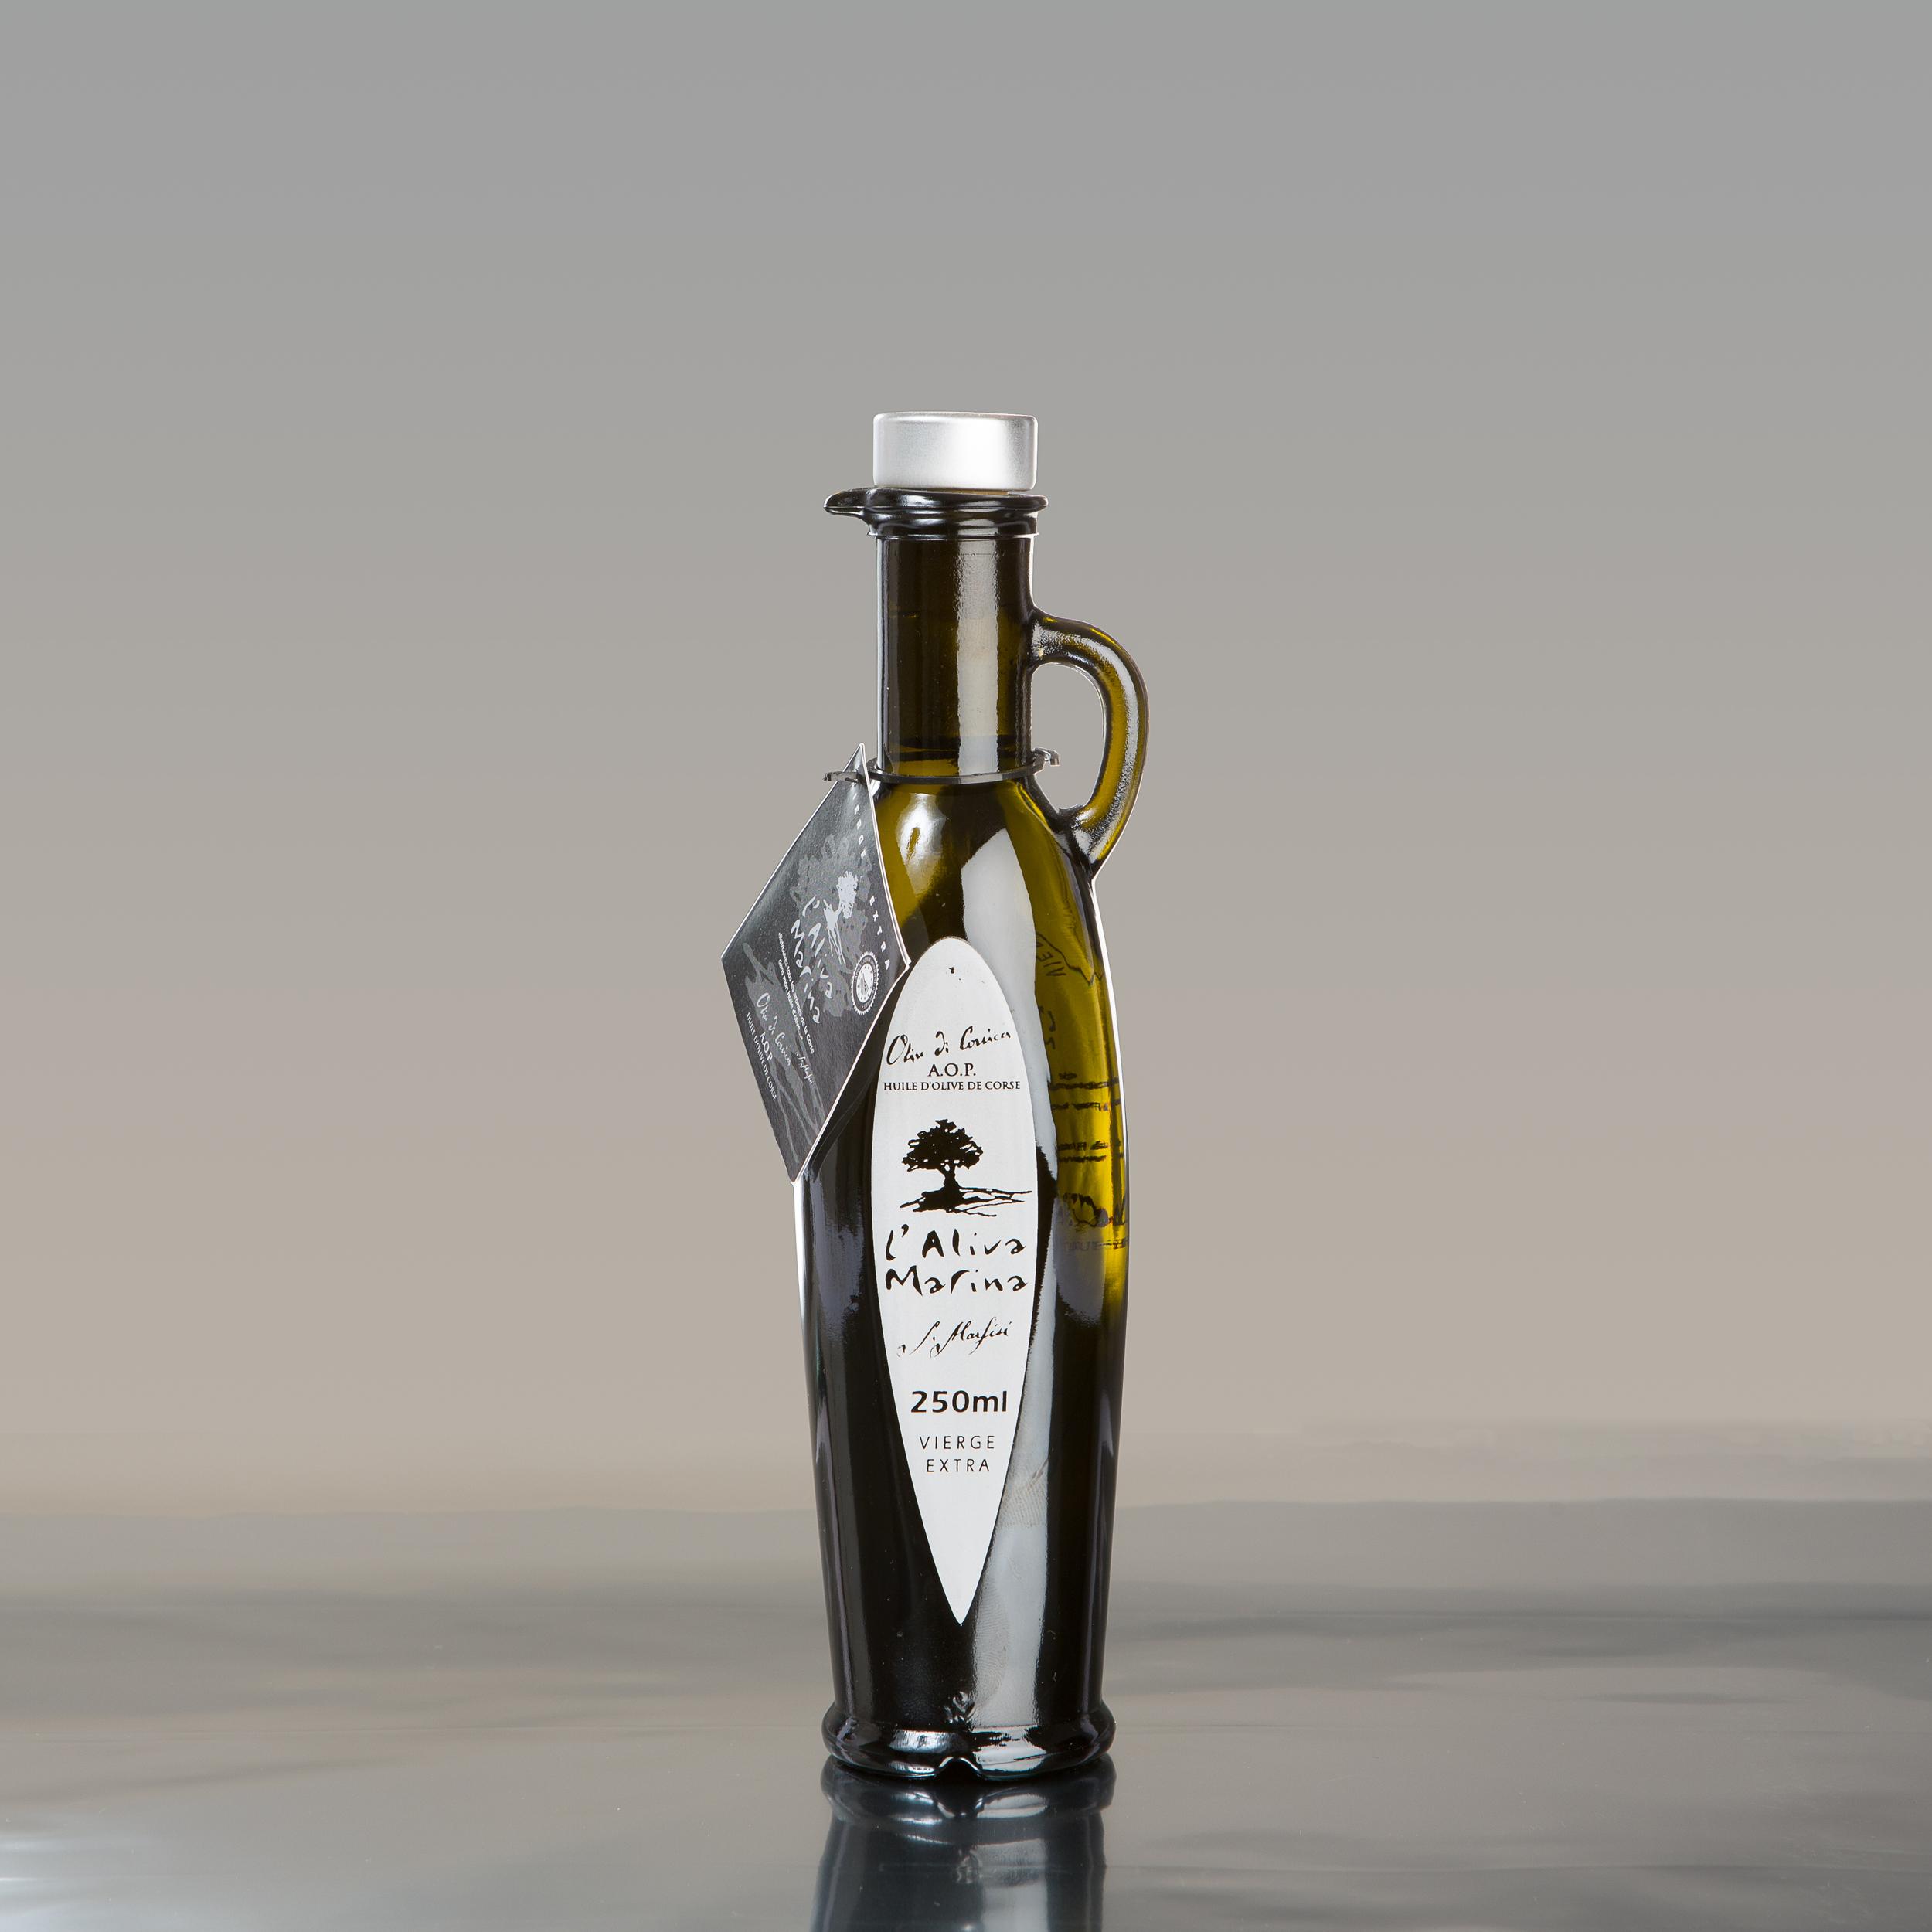 Huile d\' olive de Corse vierge extra AOP Bouteille Amphore 250 ml